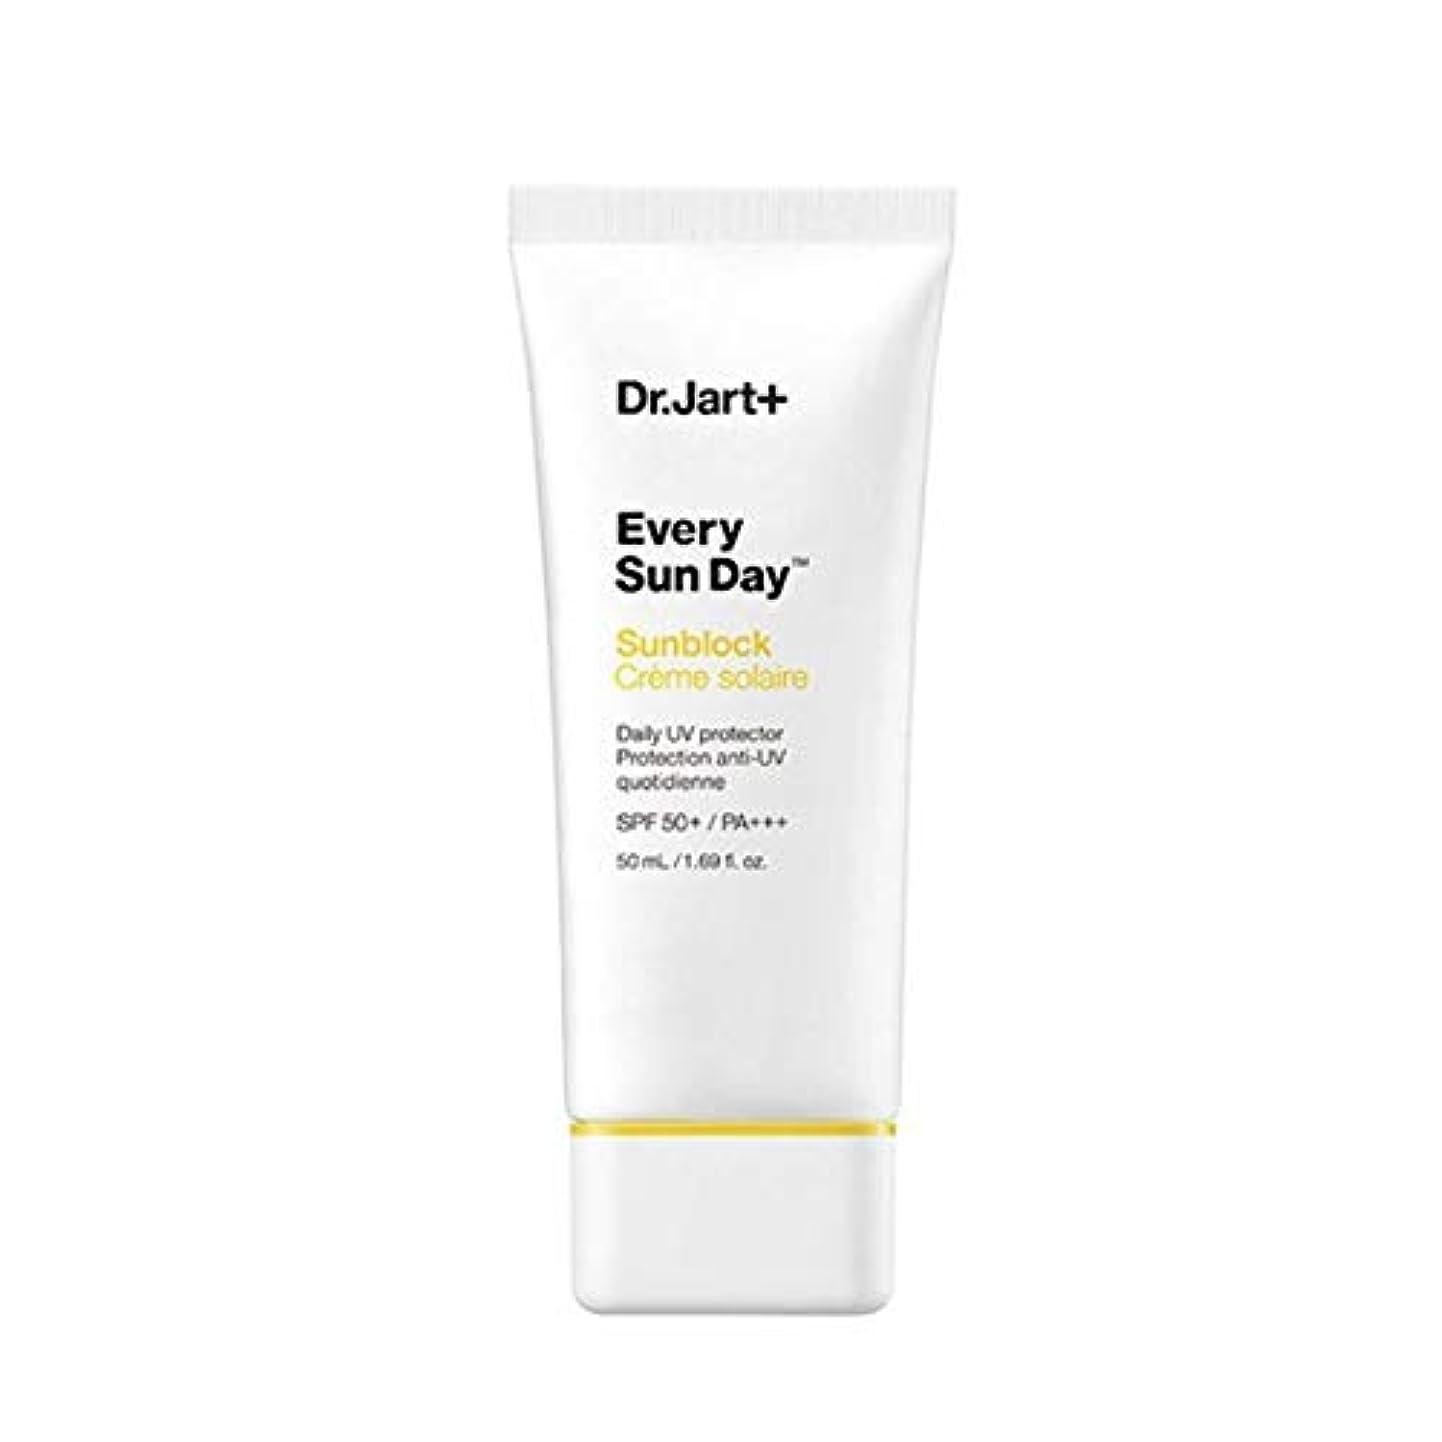 代わりにを立てる広々としたソーセージドクタージャルトゥエブリサンデーサンブロック50mlサンクリーム韓国コスメ、Dr.Jart Every Sun Day Sun Block 50ml Sun Cream Korean Cosmetics [並行輸入品]